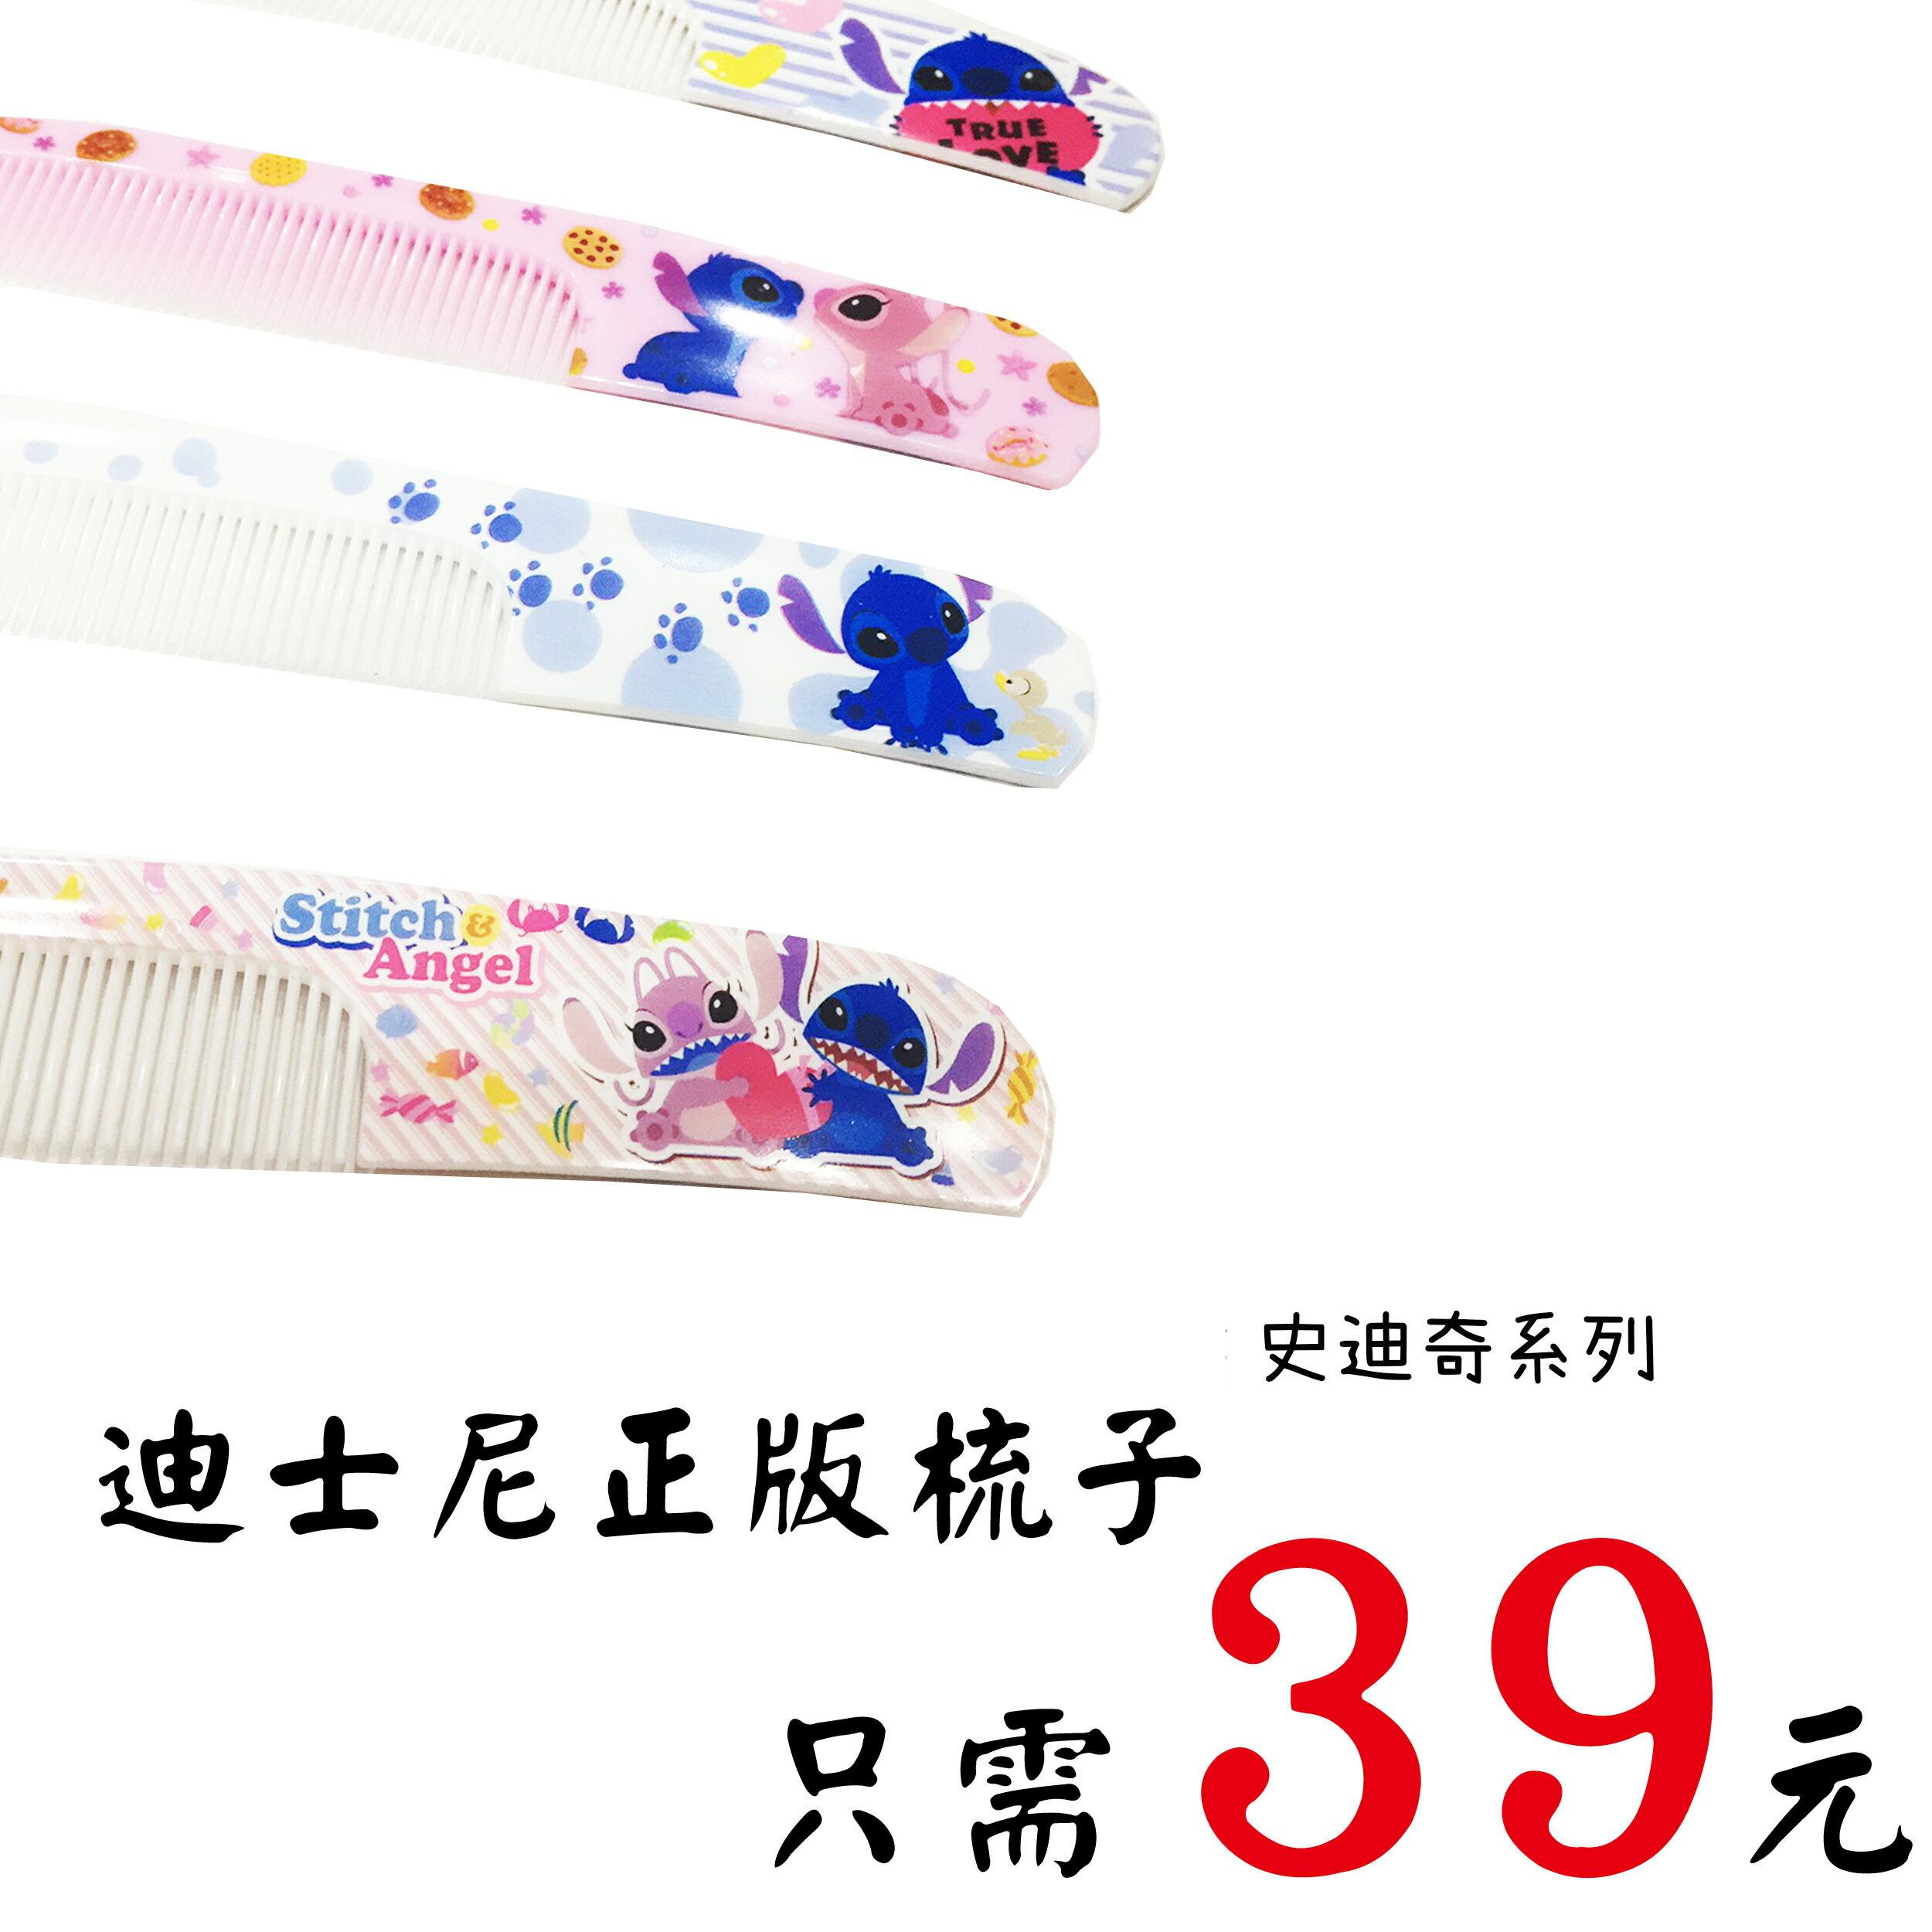 可愛圖案造型扁梳梳子隨身梳-史迪奇款